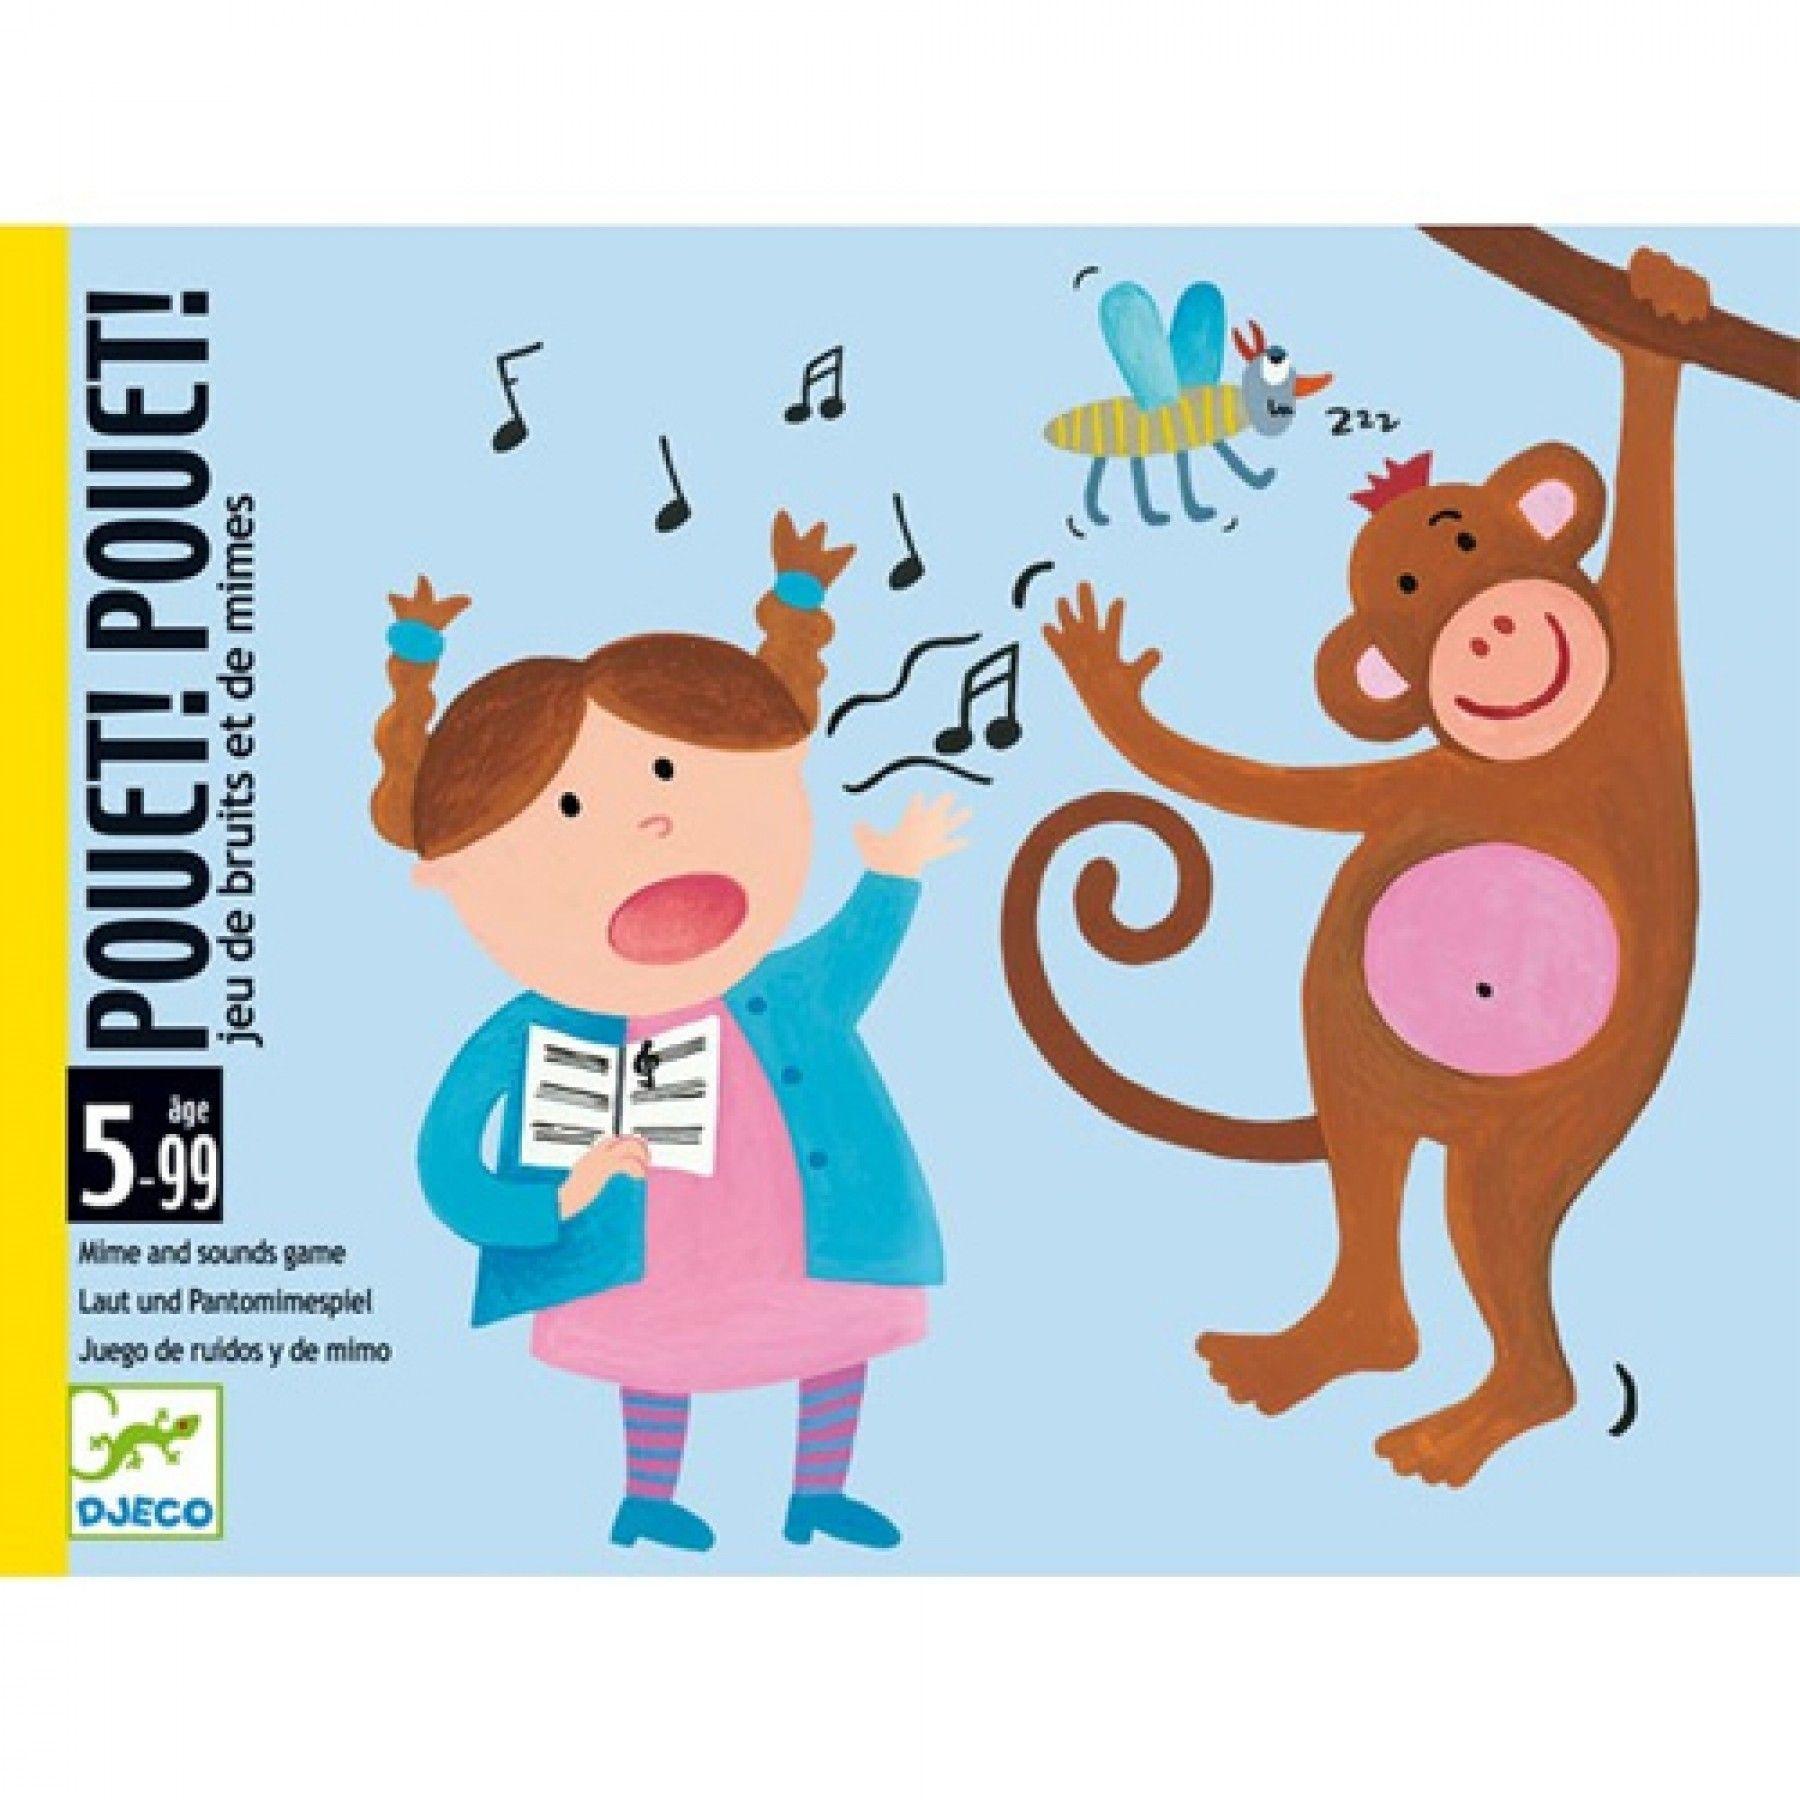 Djeco Djeco - Kaartspel Pouet! Pouet! 5y+